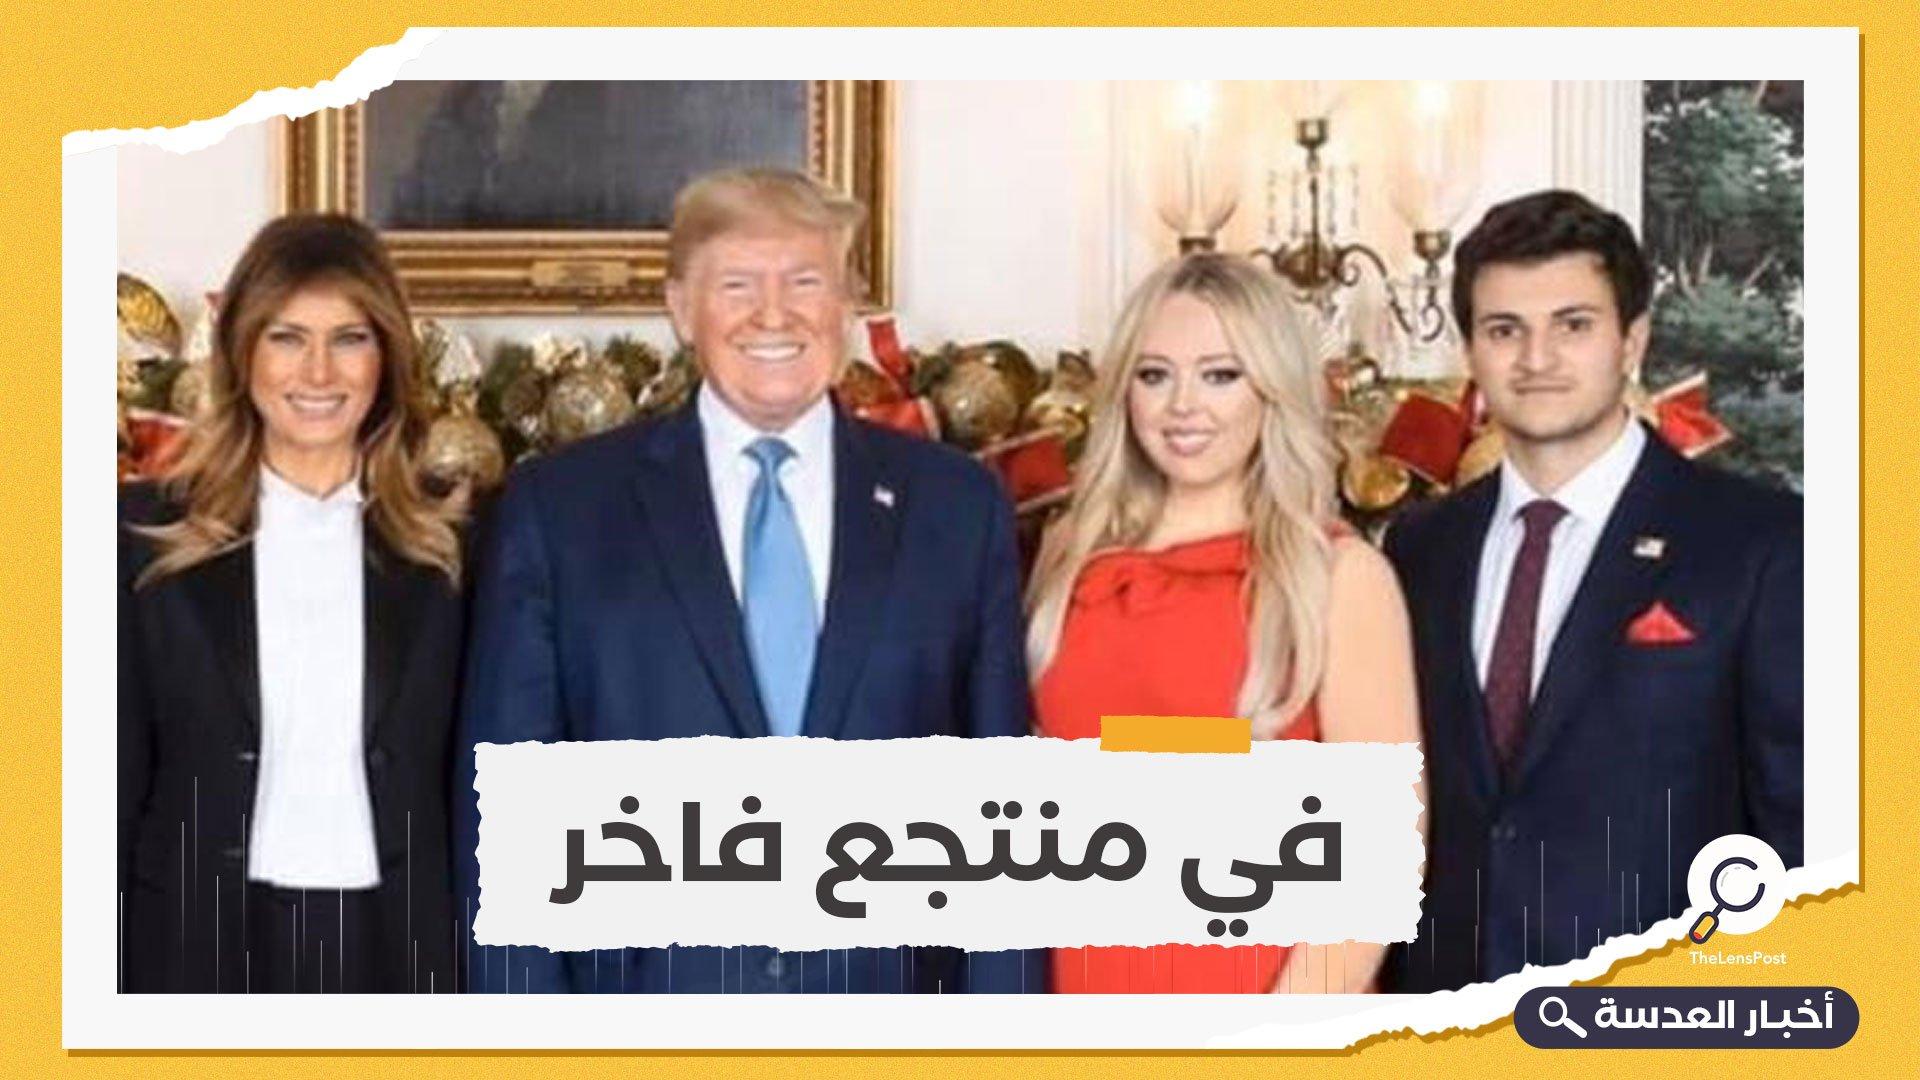 رغم ترتيبات إقالته ومحاكمته.. ترامب يحتفل بزواج ابنته من ابن ملياردير سعودي